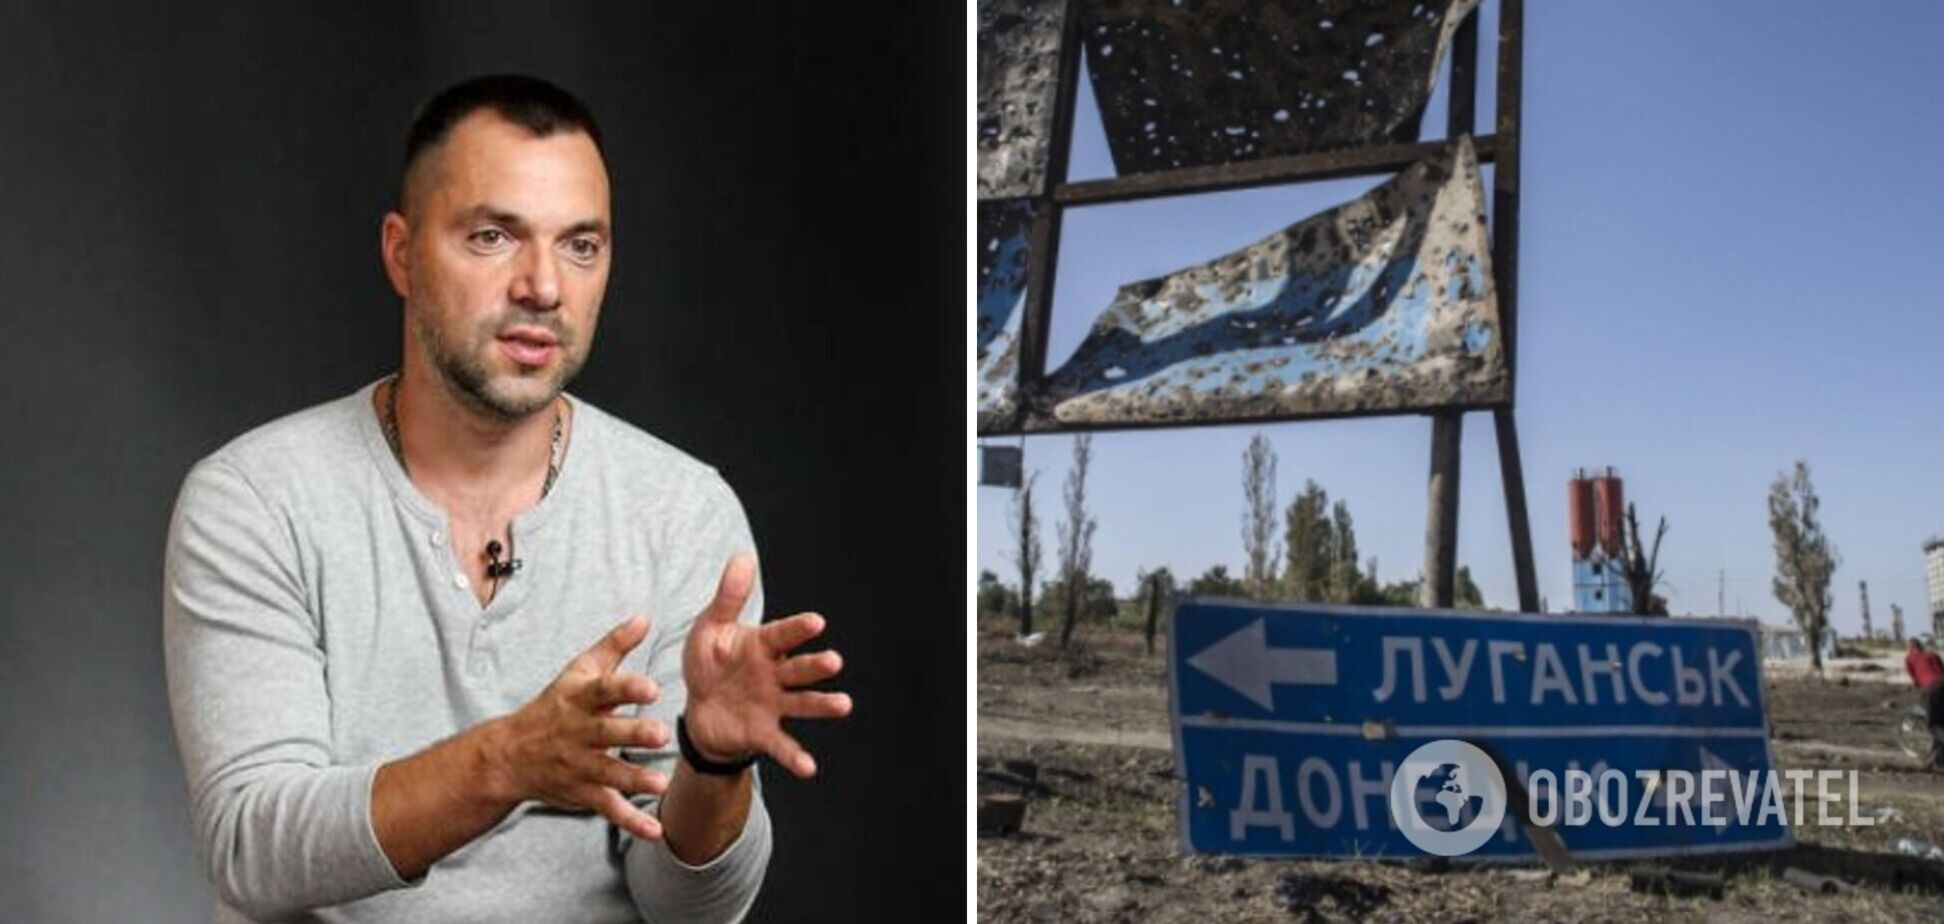 Заседание ТКГ не перенесут в Польшу: Арестович озвучил другие варианты